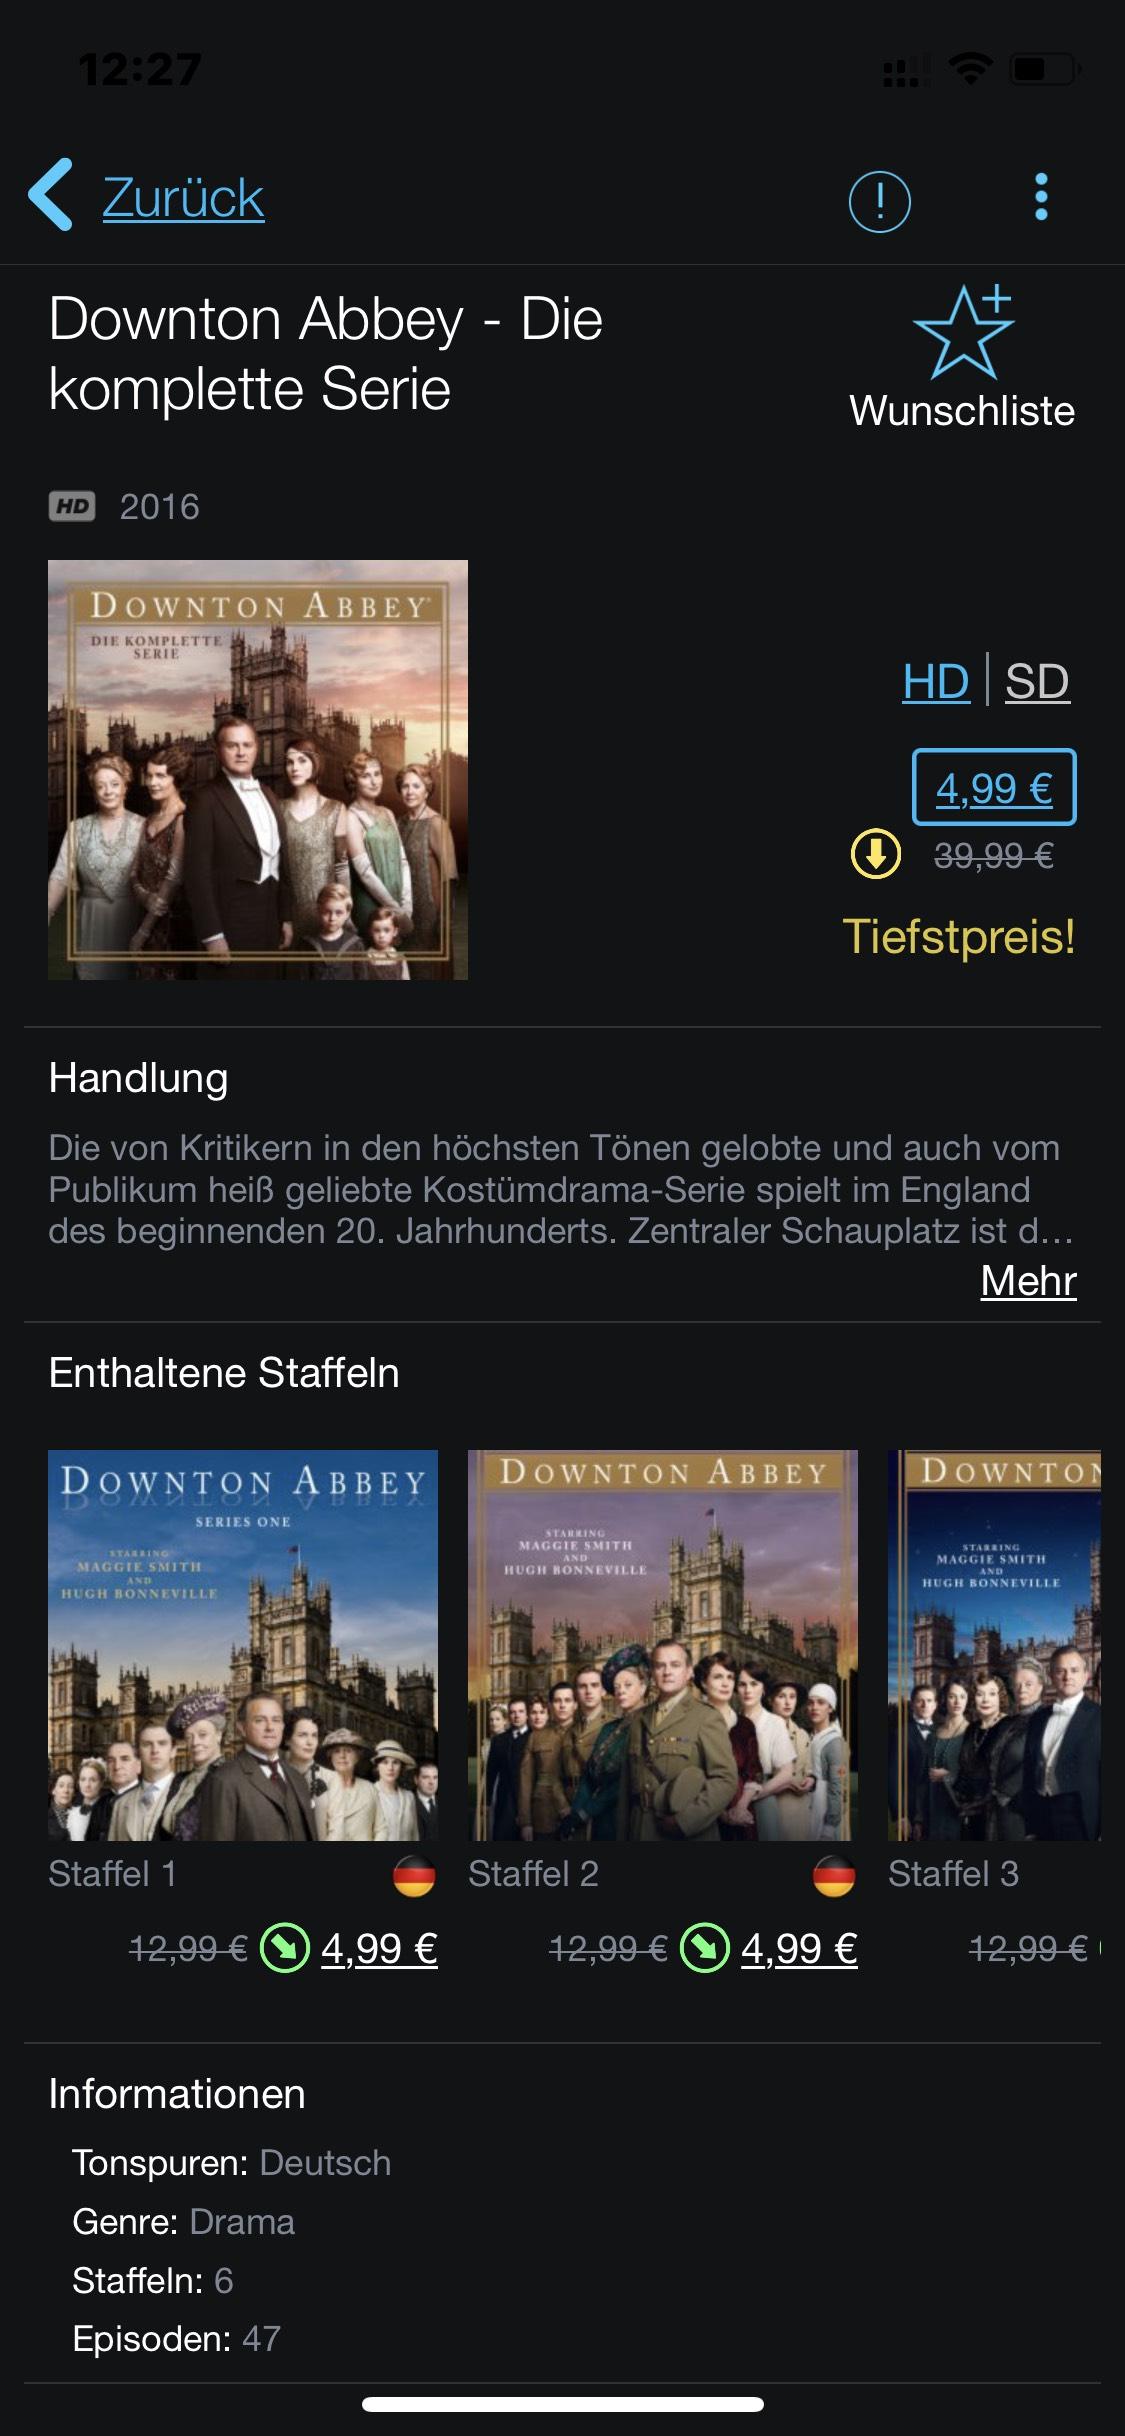 Itunes Preisfehler ? Downton Abbey Komplette Serie und Suits (1-7) The Office Komplett und in Deutsch für 4,99€ schnell sein